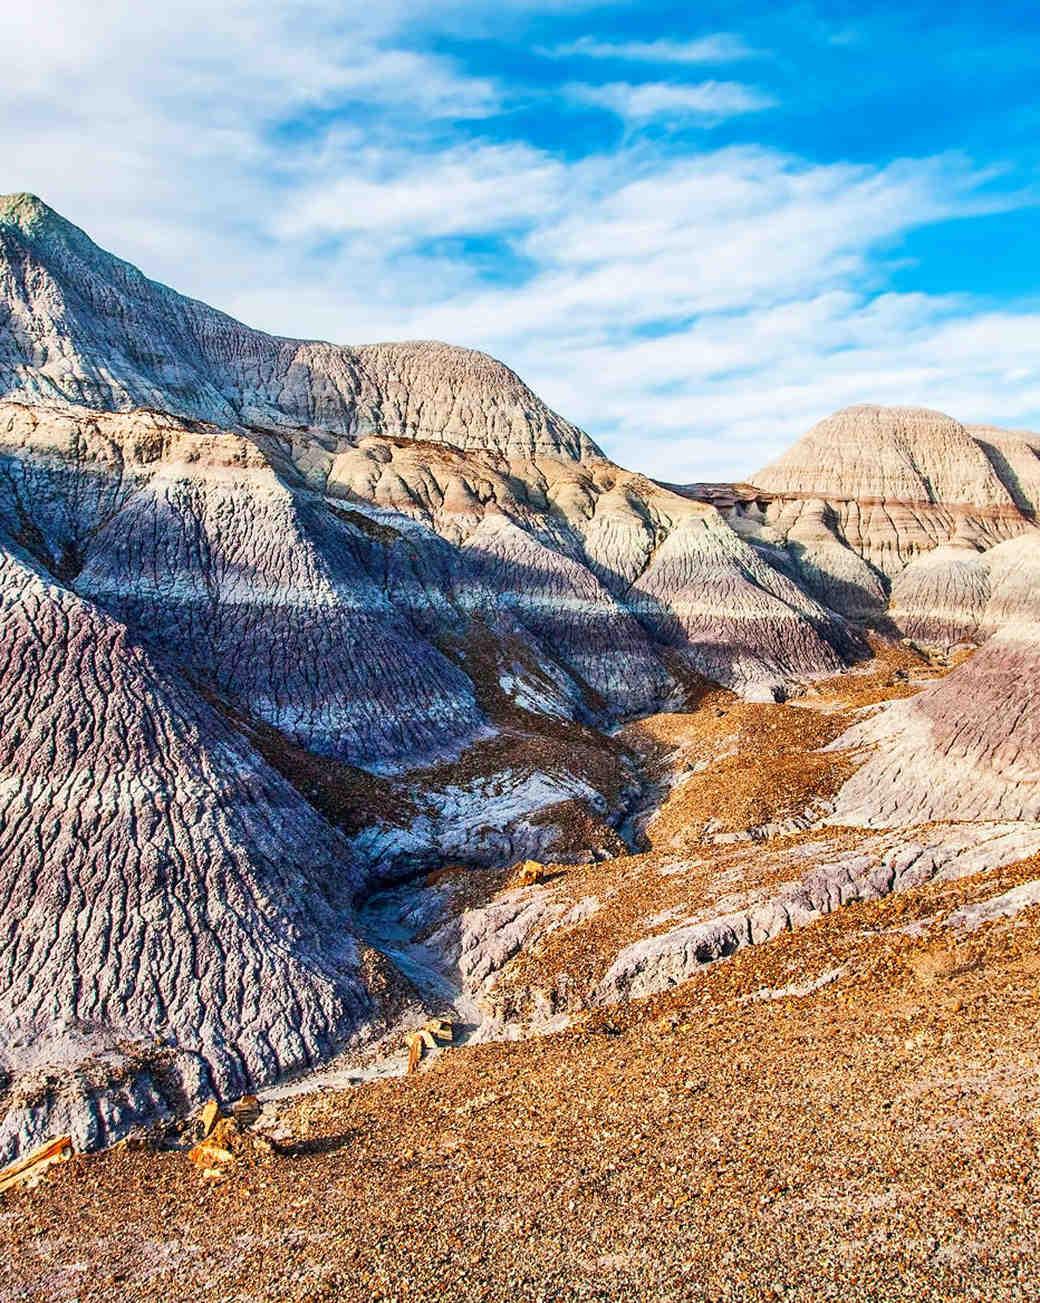 painted desert arizona honeymoon